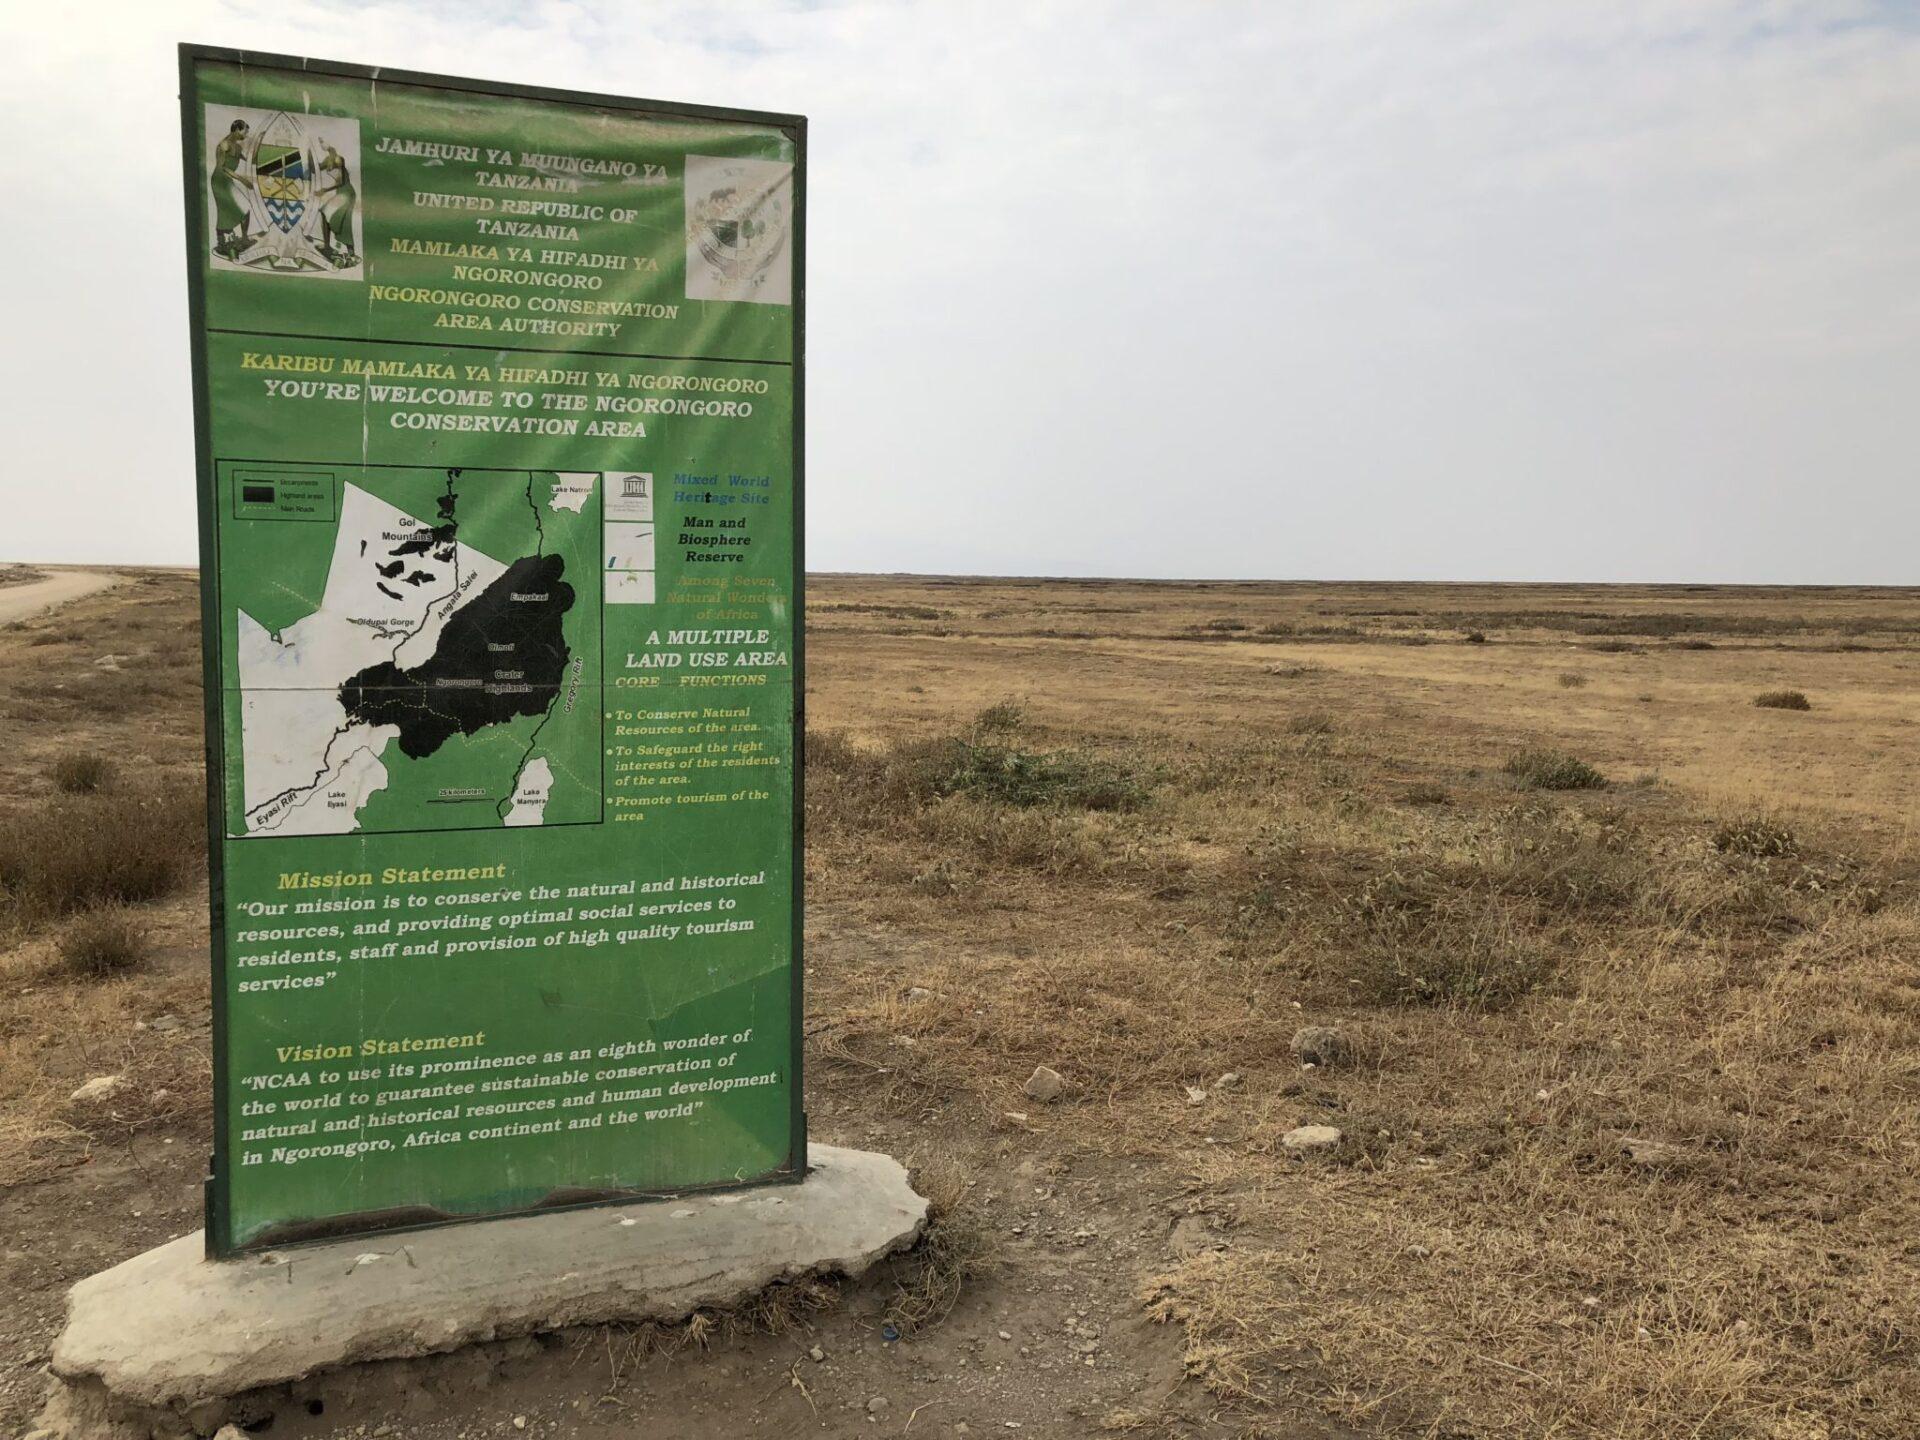 ngorongoro conservation area � mappery